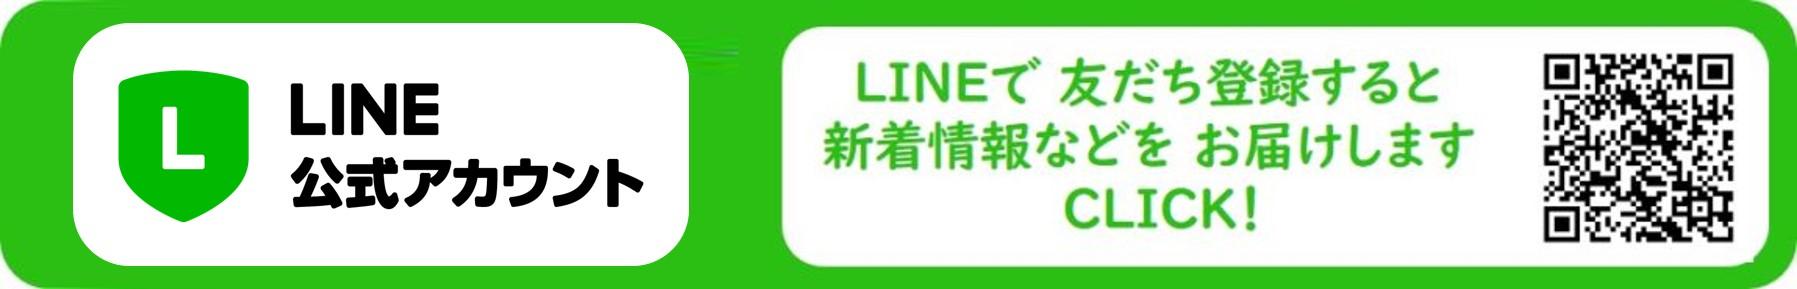 母子栄養協会LINE